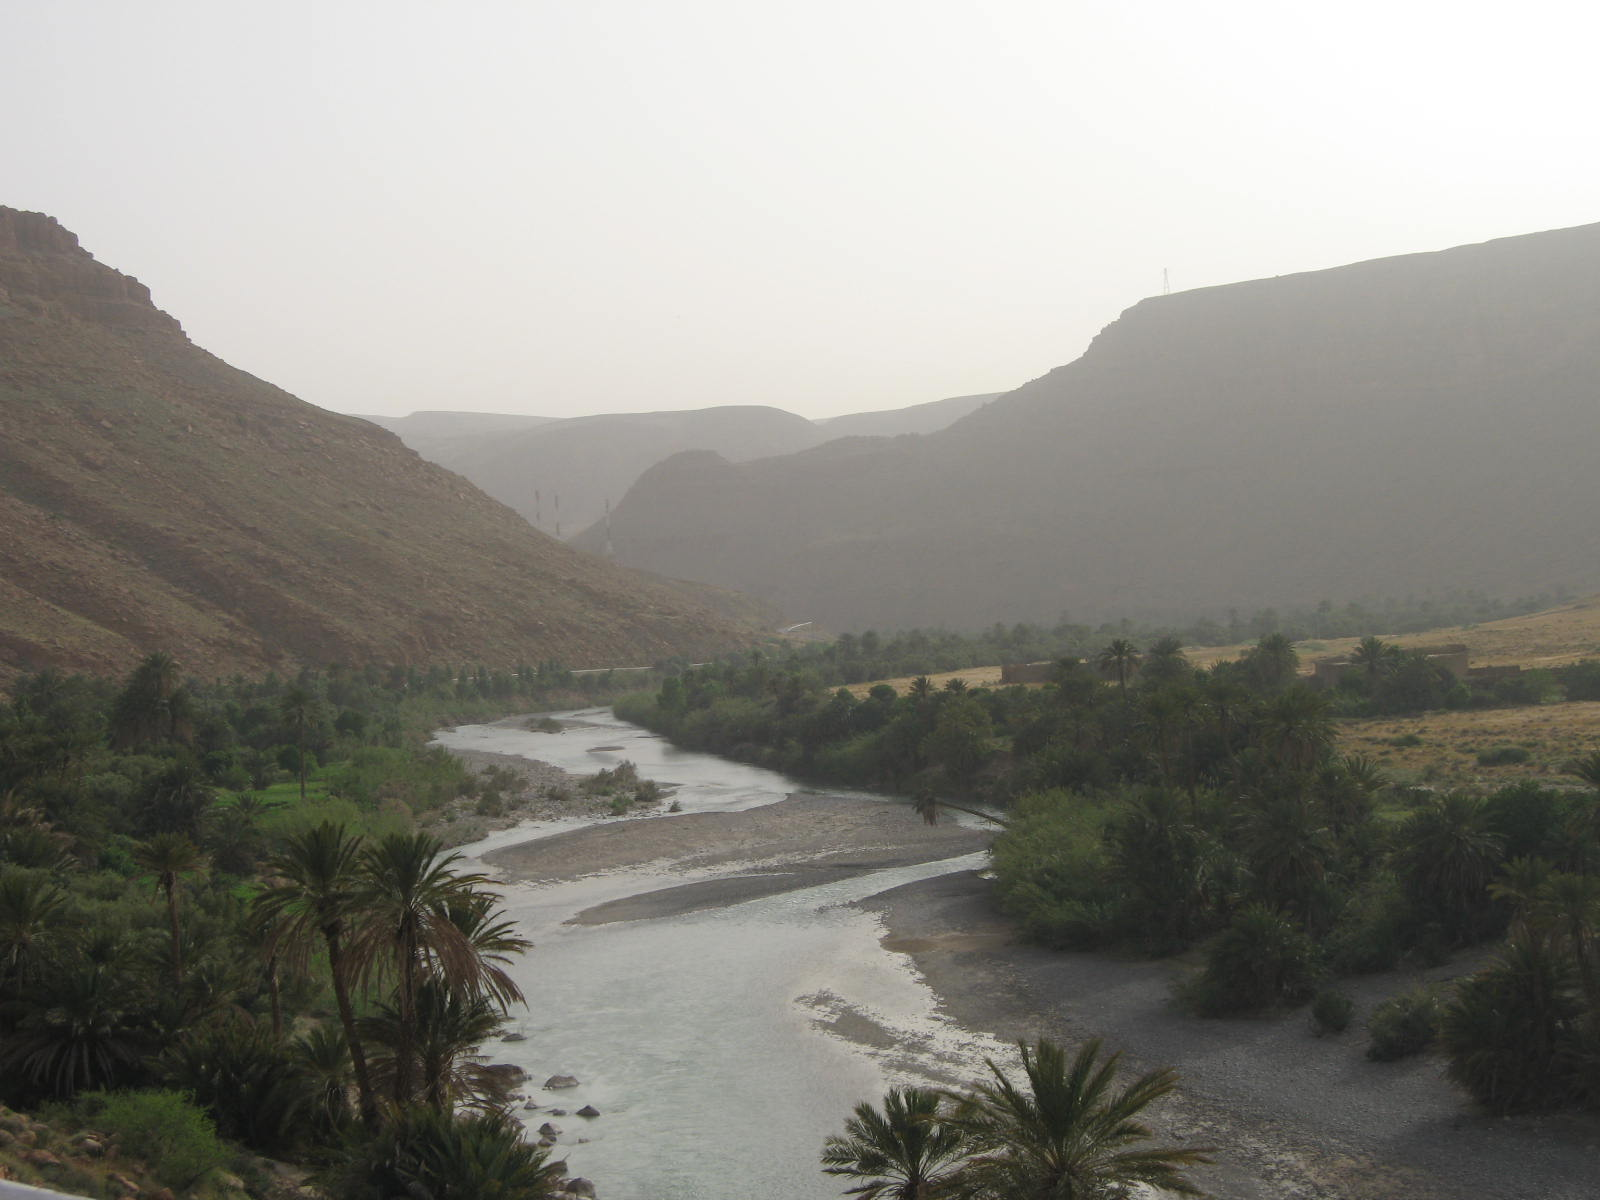 2ème jour : de Midelt à Er-Rachidia - c'est le souk ici ....